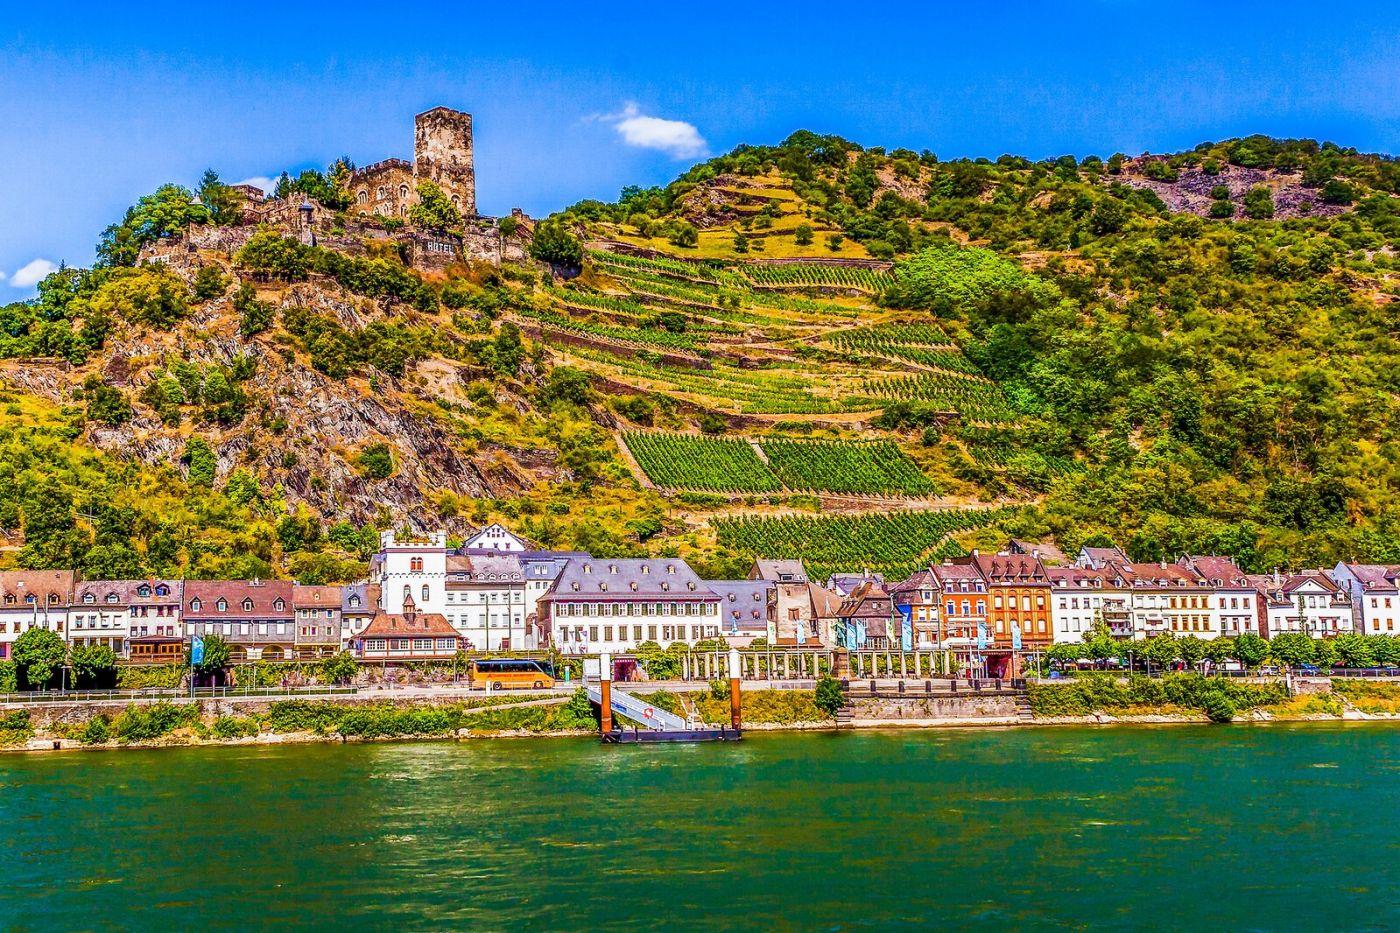 畅游莱茵河,河中的城堡_图1-30